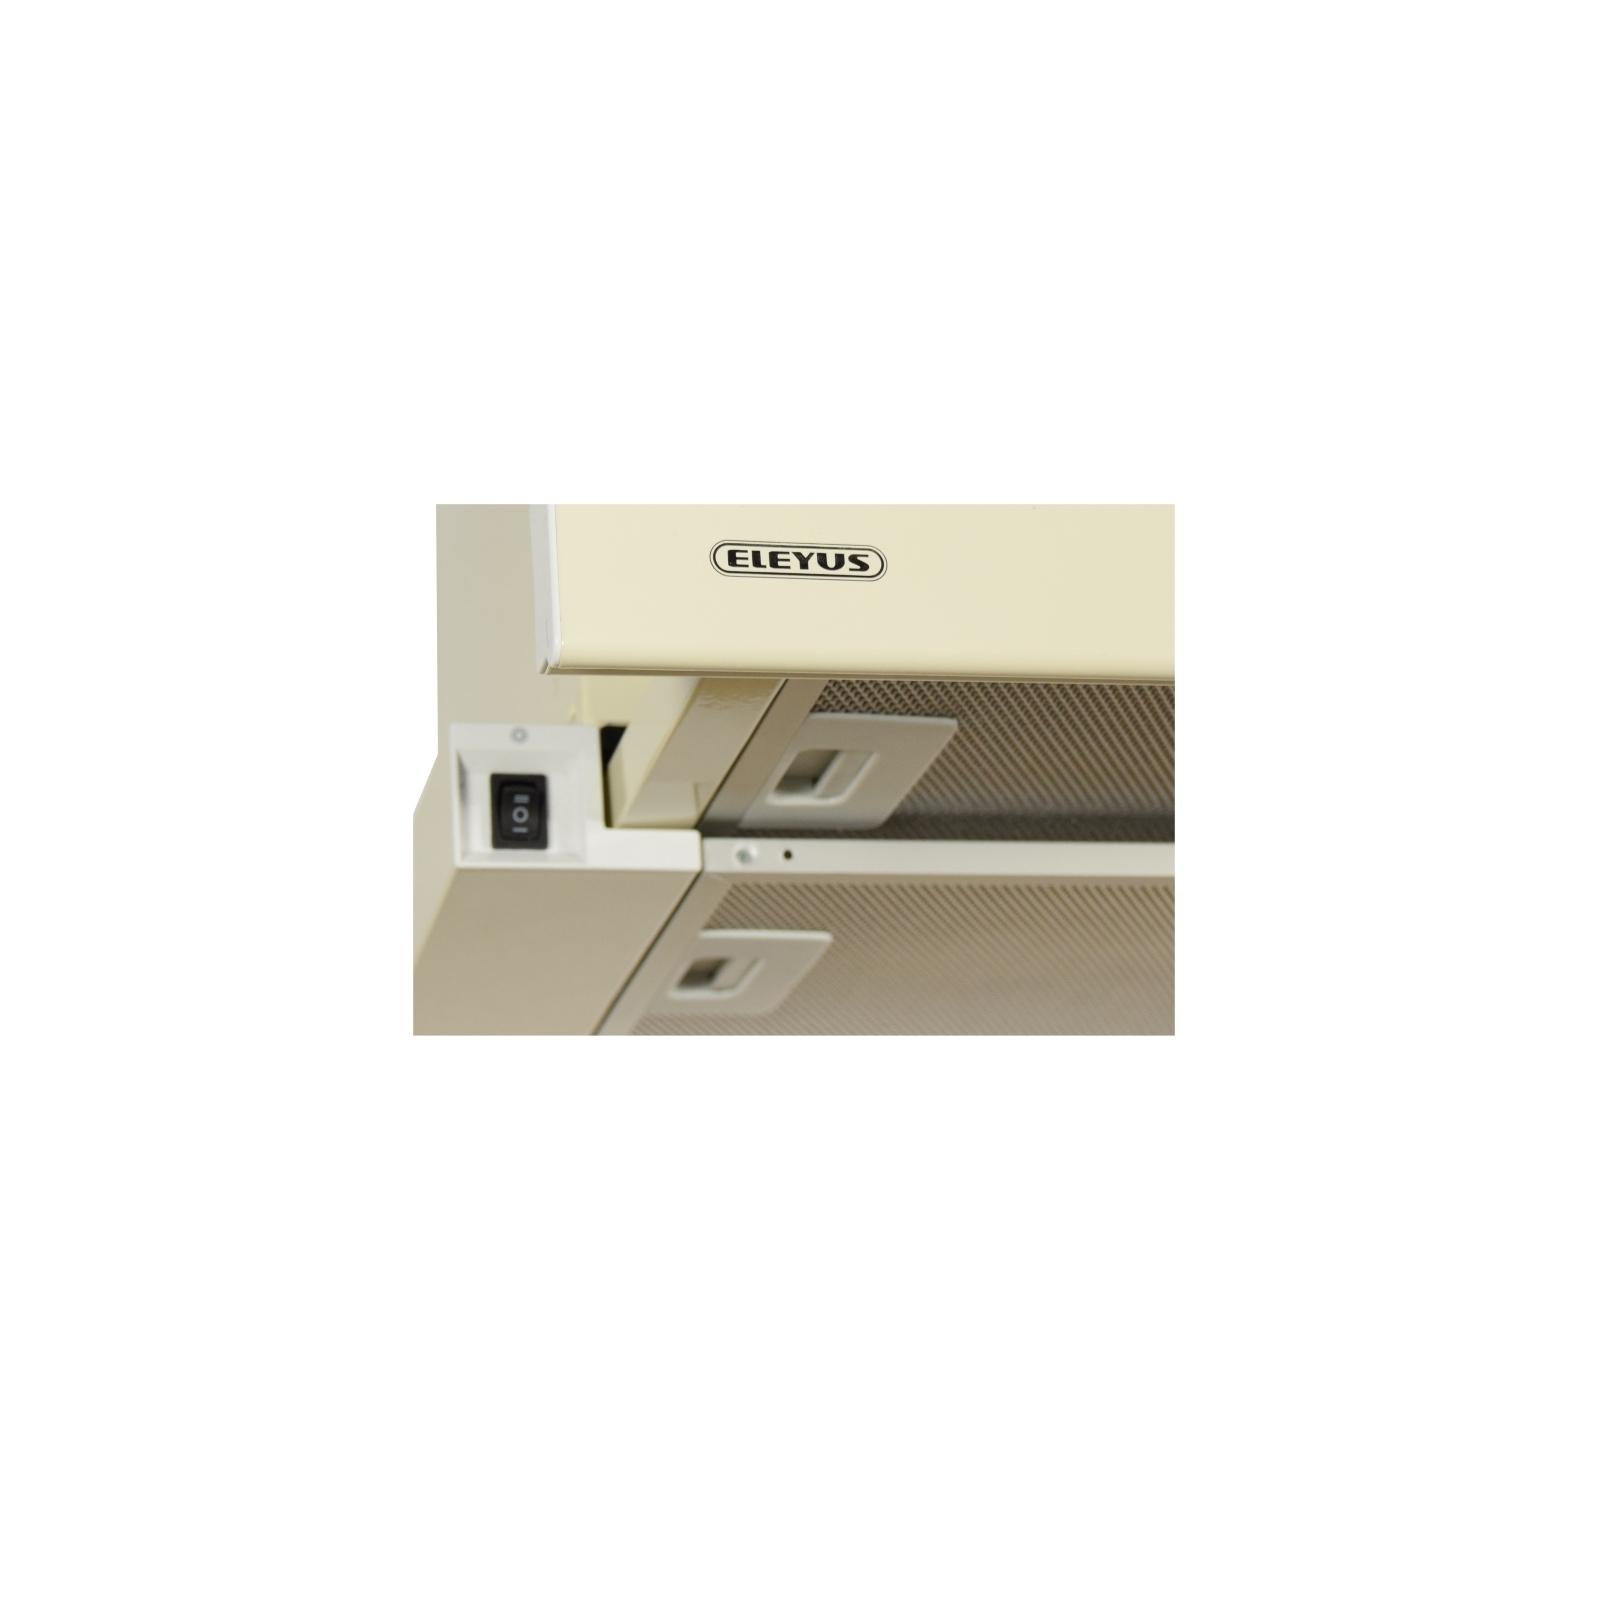 Вытяжка кухонная ELEYUS Storm 1200 LED 60 BG изображение 8